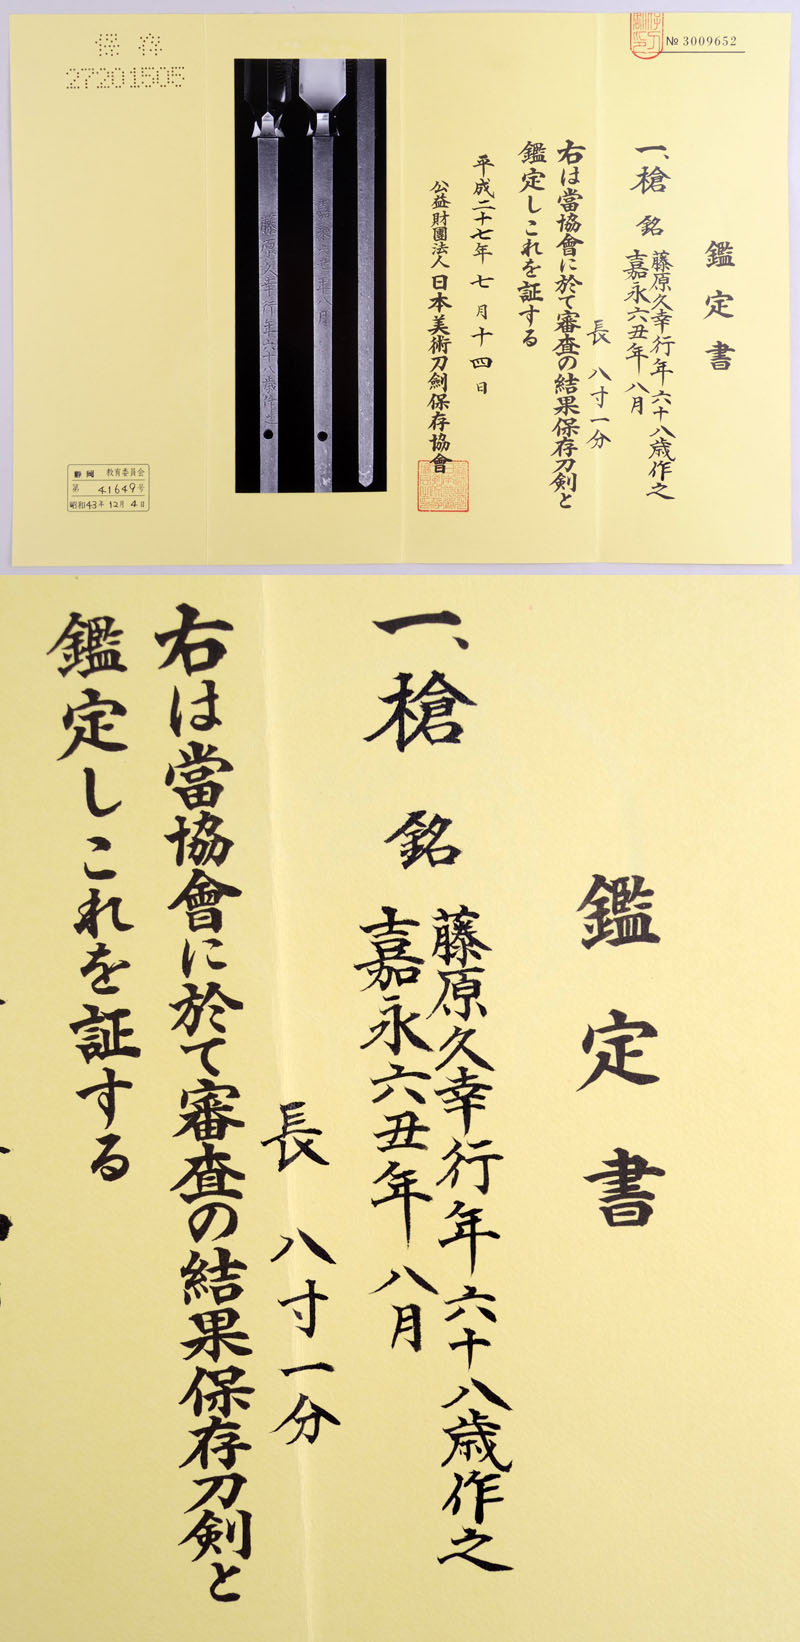 藤原久幸行年六十八歳作之 Picture of Certificate